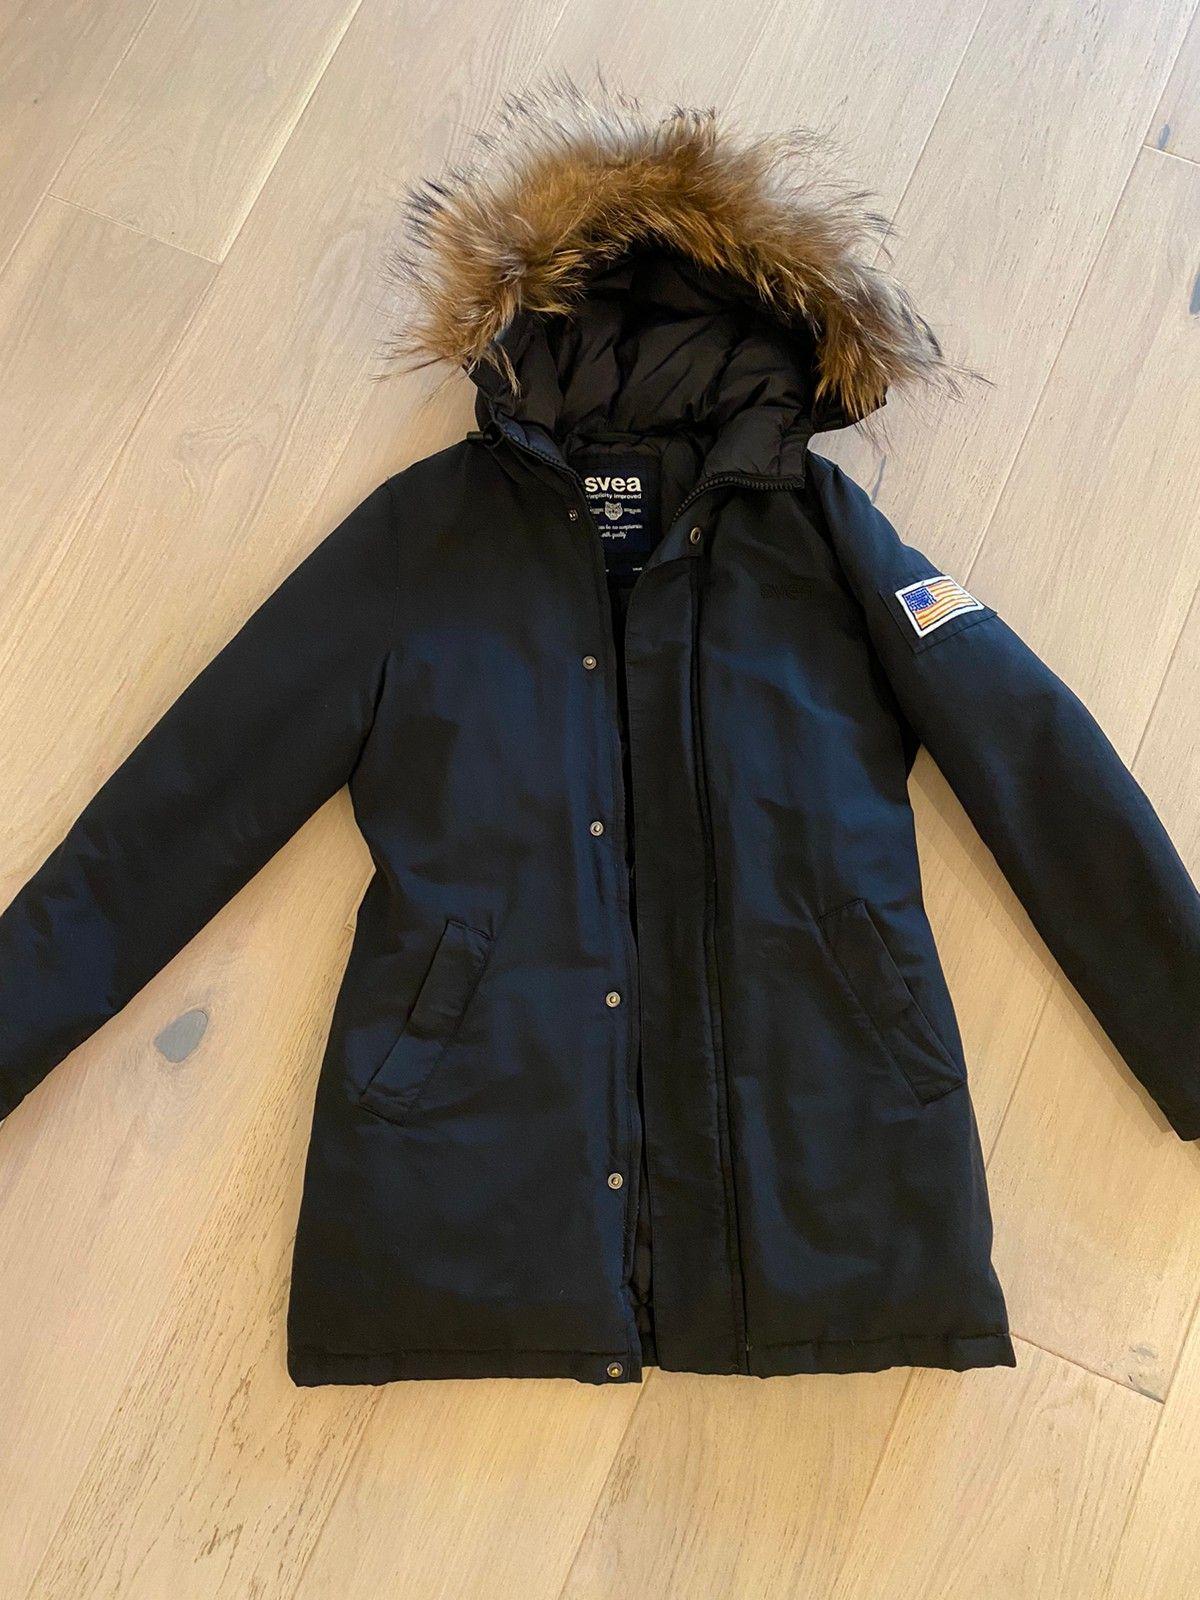 Svea jakke med ekte pels hette | stavangerbladet